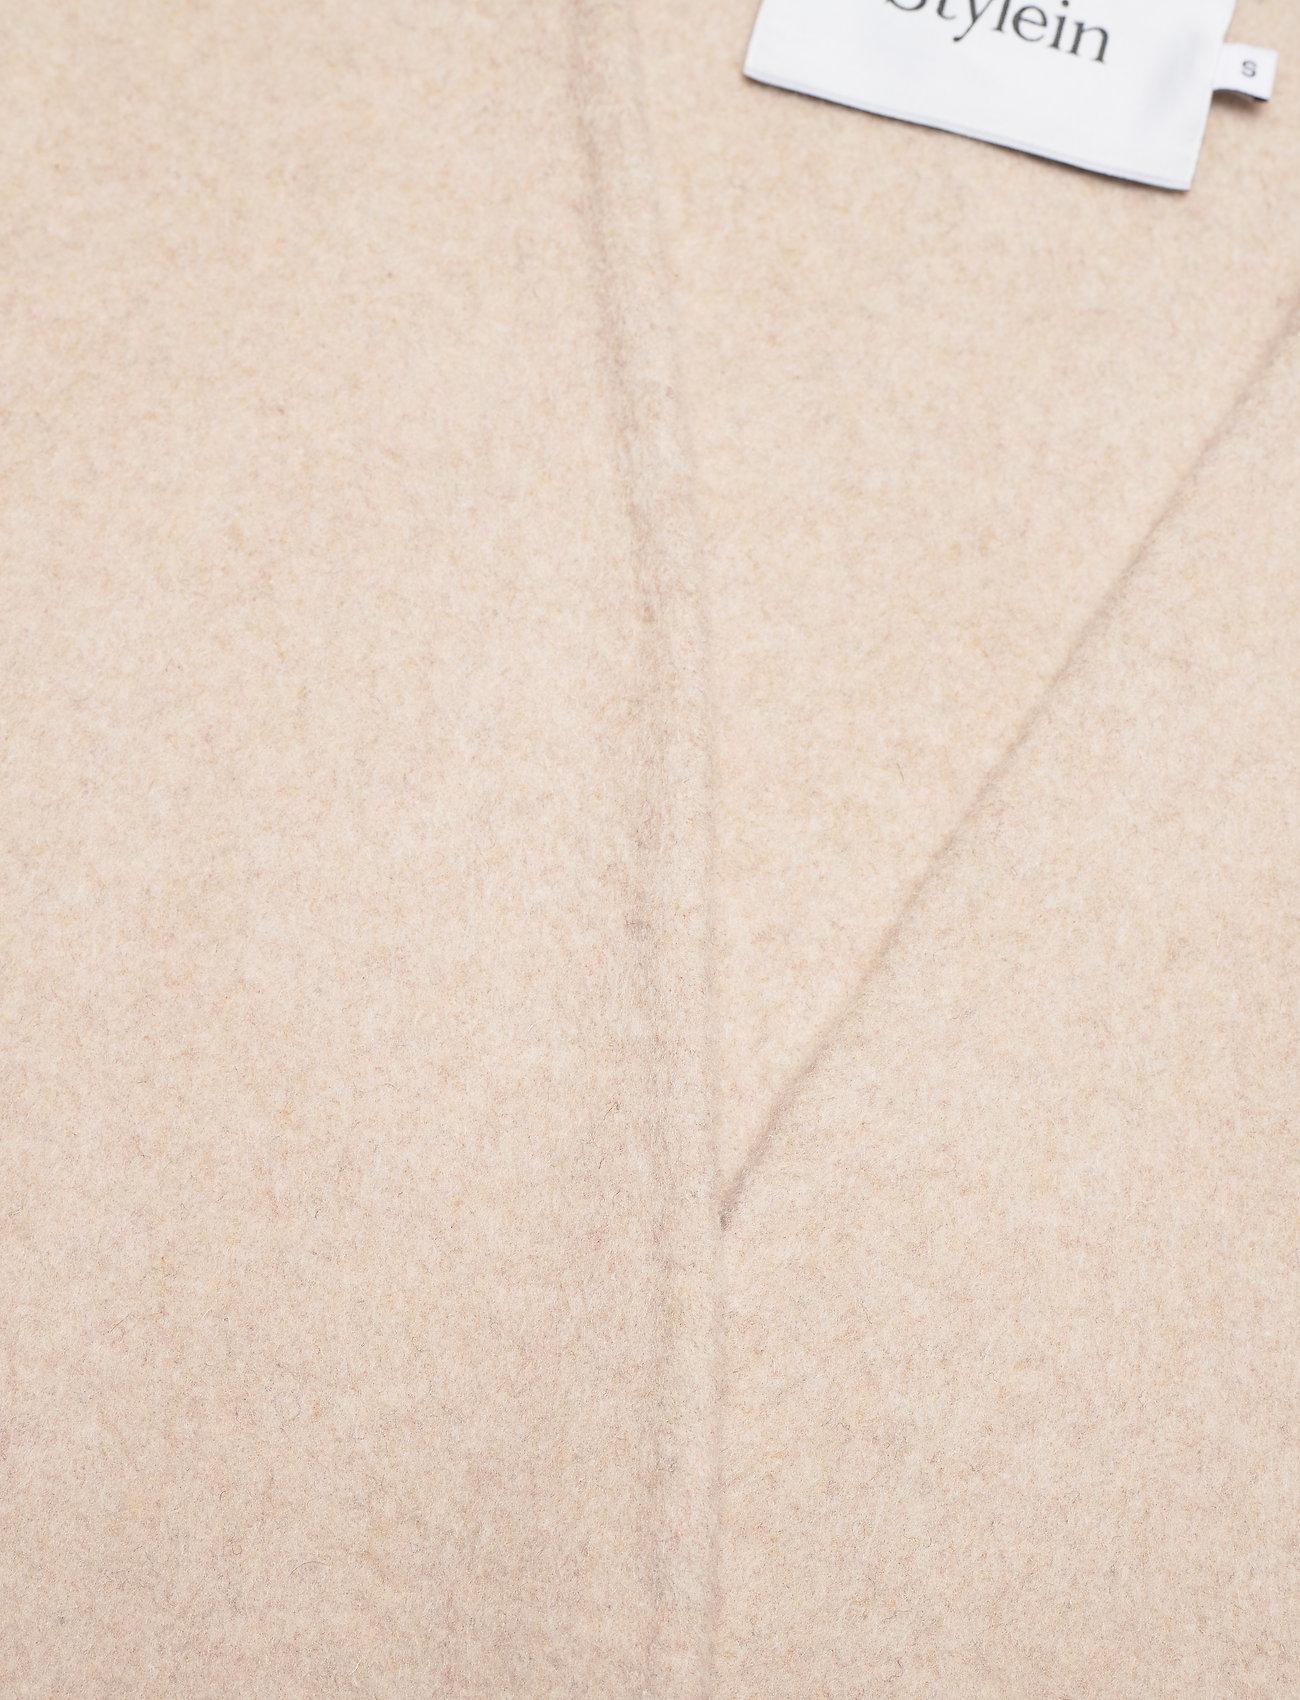 Stylein - TOULOUSE JACKET - wollmäntel - beige - 4